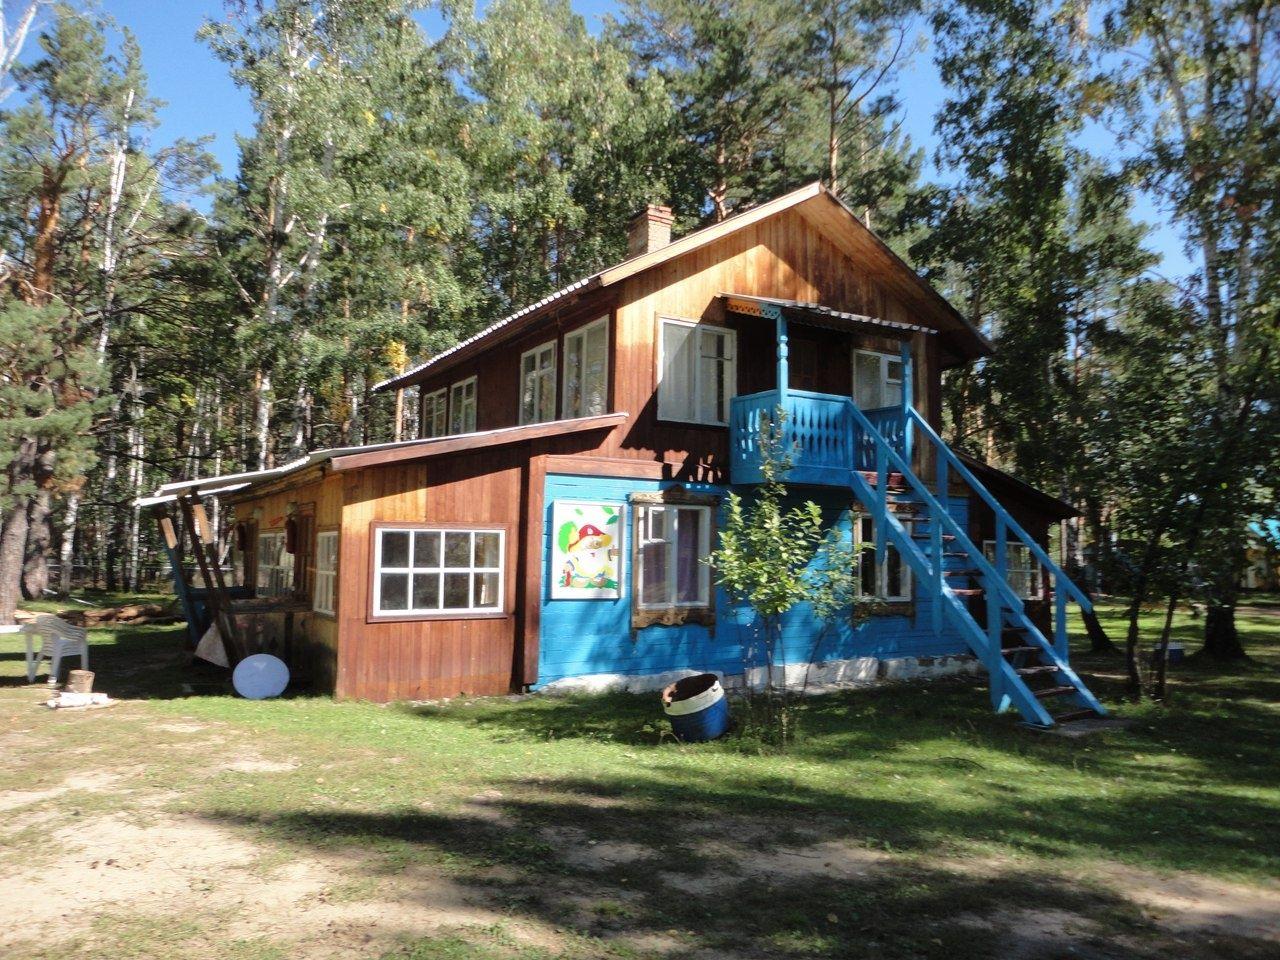 База отдыха «Обские просторы» Новосибирская область 3-местный домик (зимний), фото 2